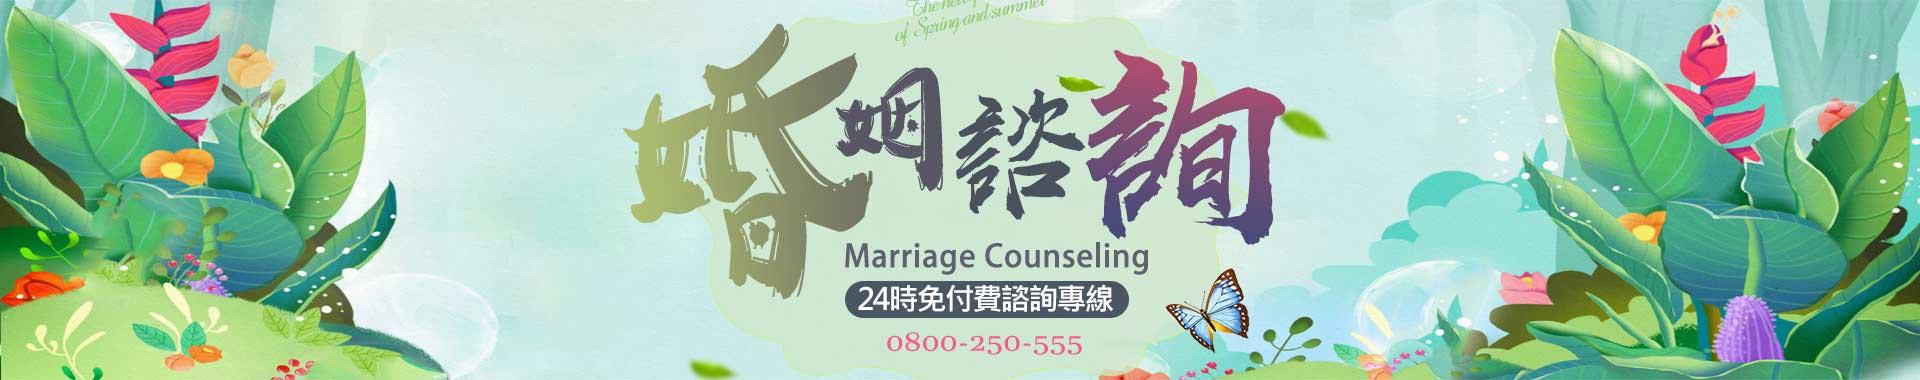 找婚姻諮詢